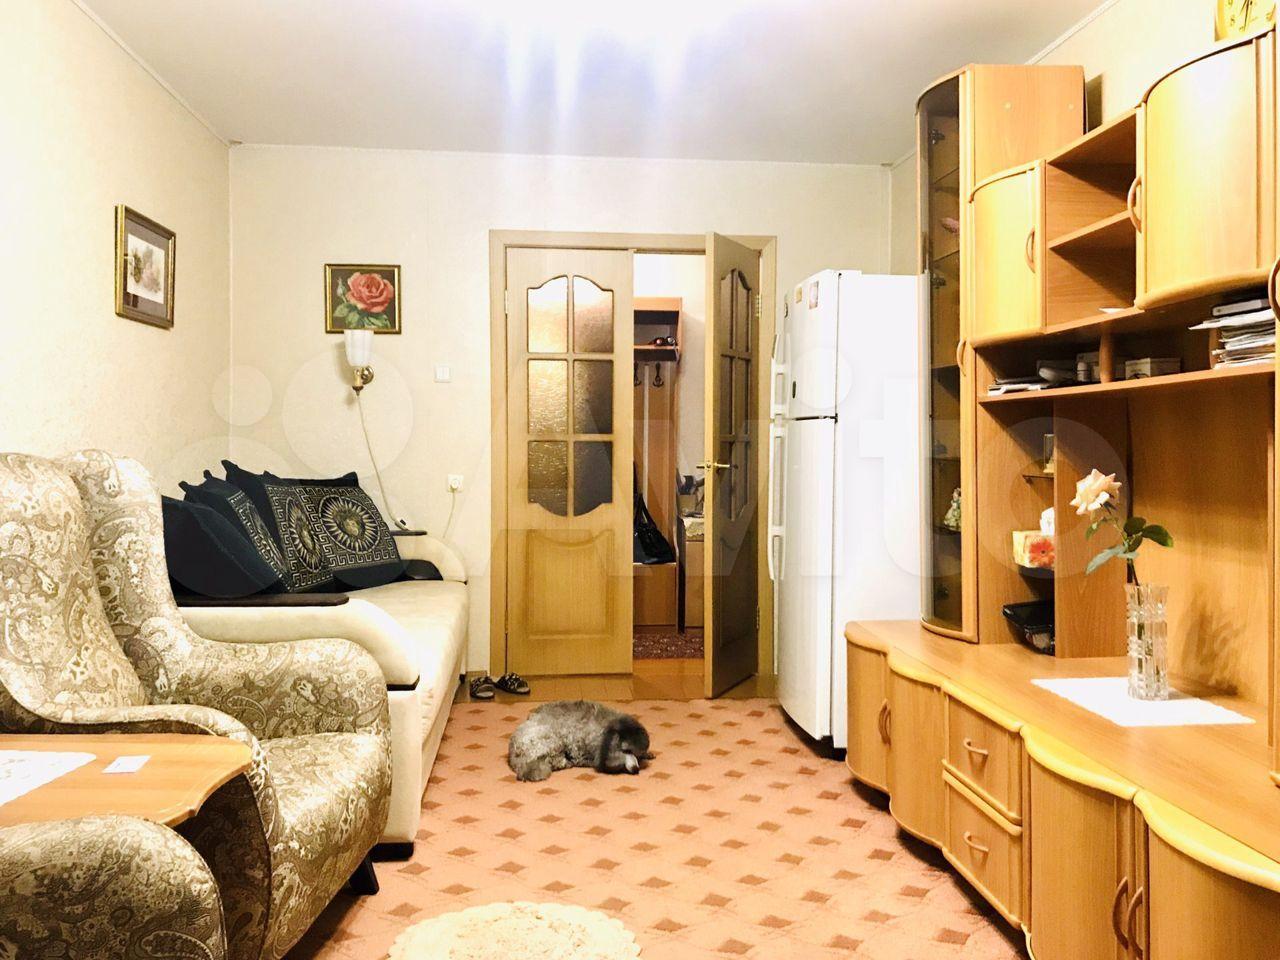 3-к квартира, 65.8 м², 6/9 эт.  89145446986 купить 3